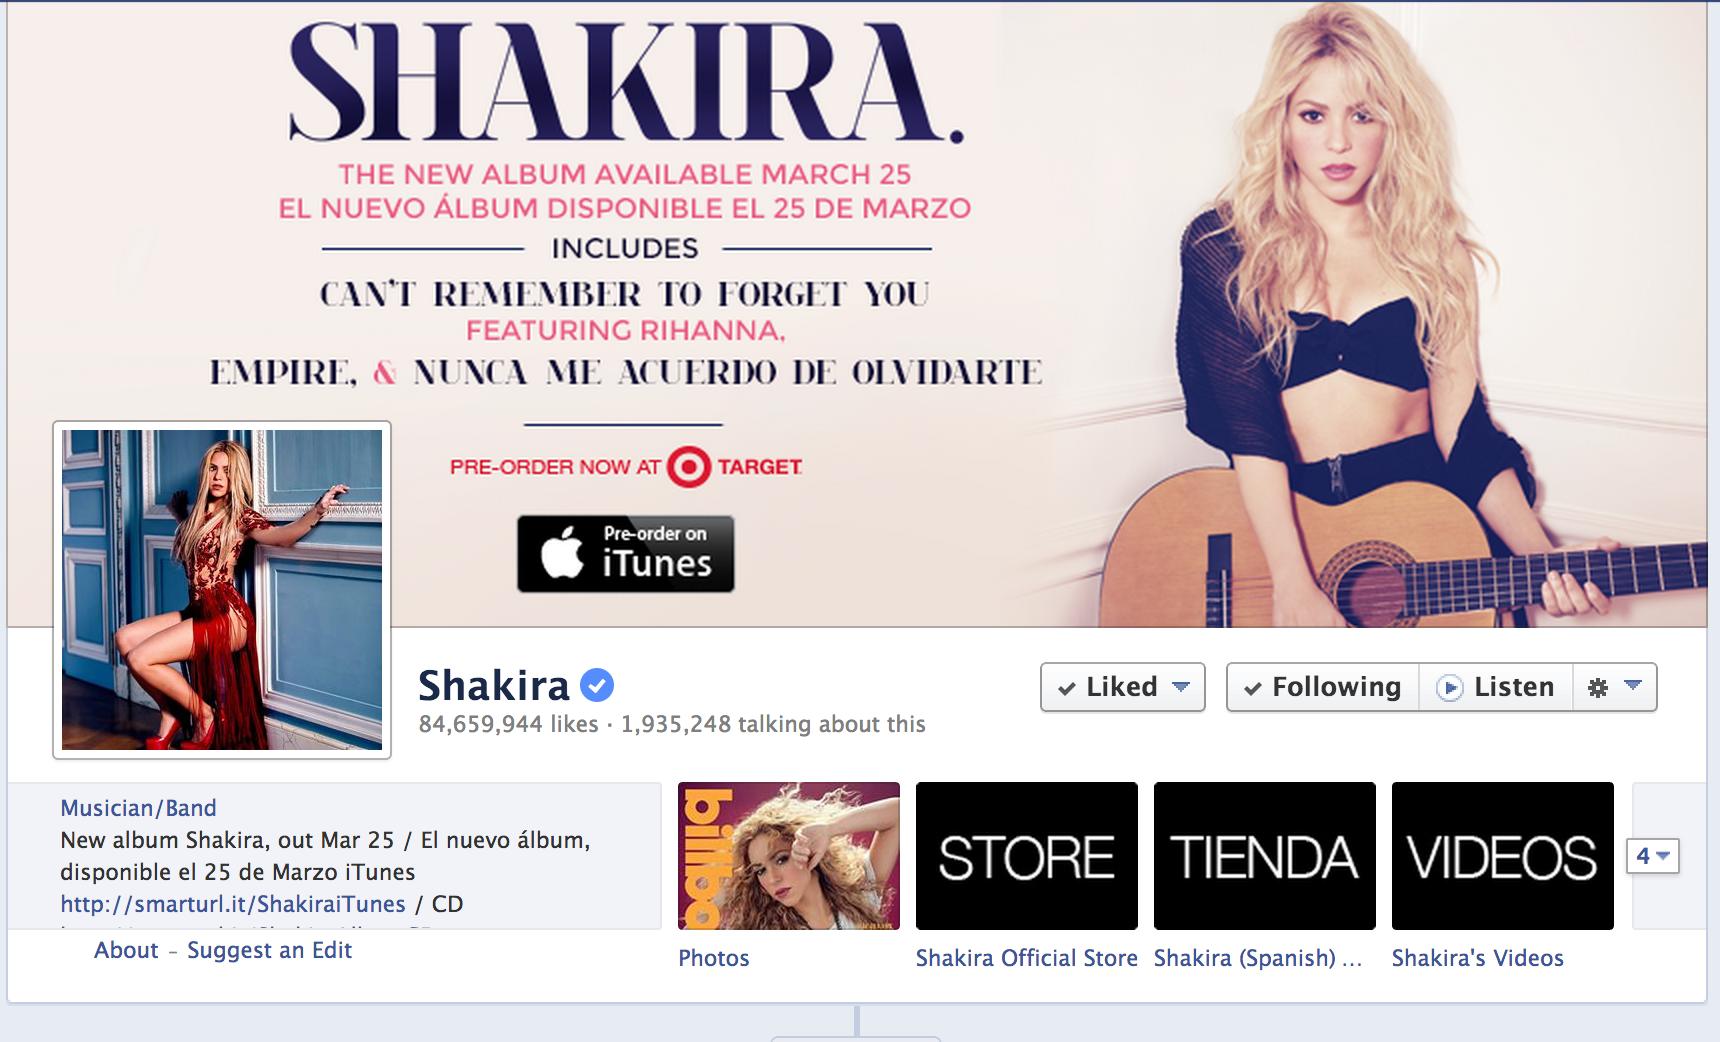 Shakira on Facebook